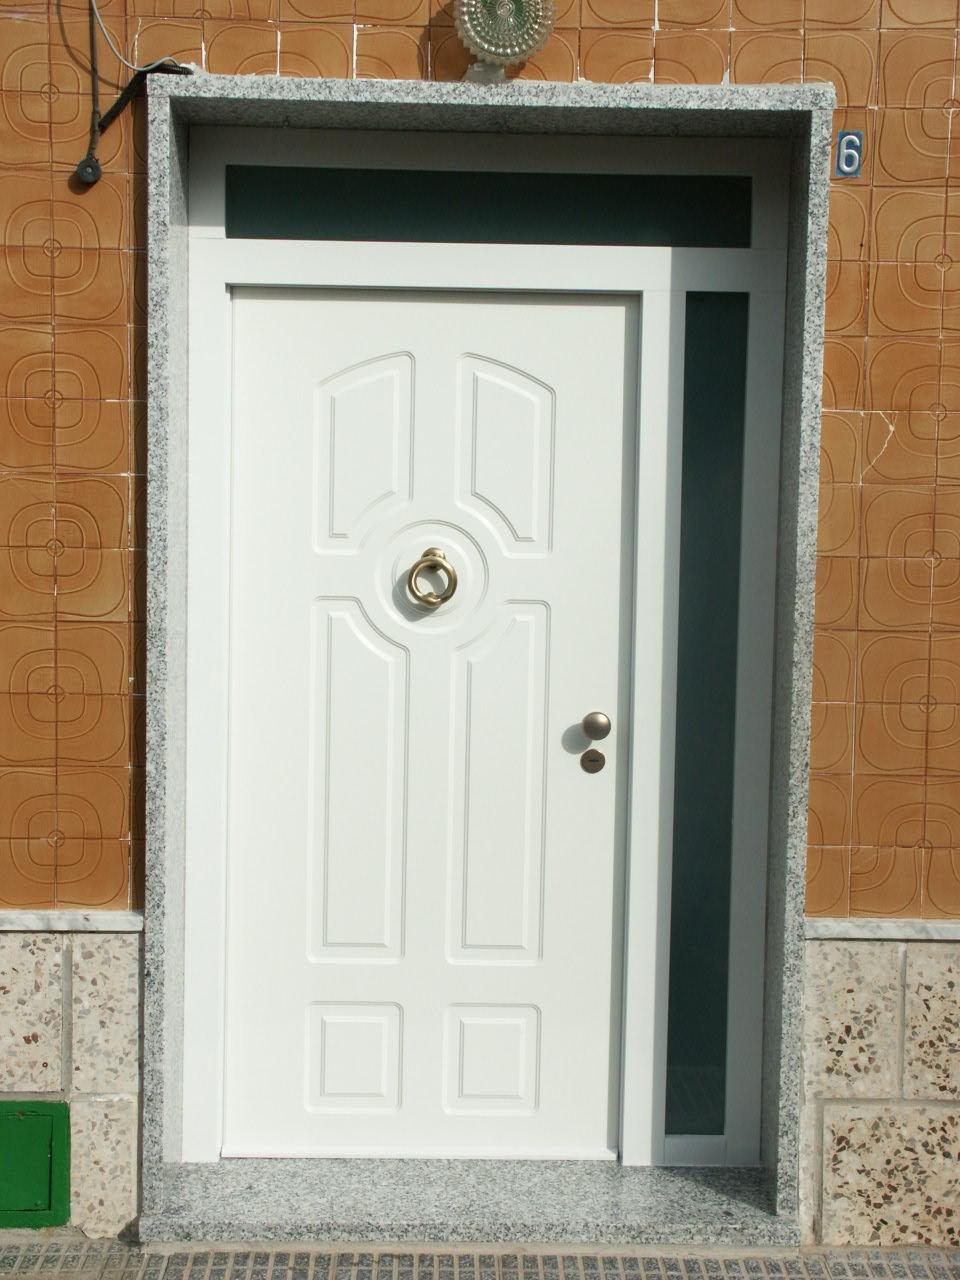 Galer a de fotos y ejemplos de puertas tecemur Puertas de exterior baratas